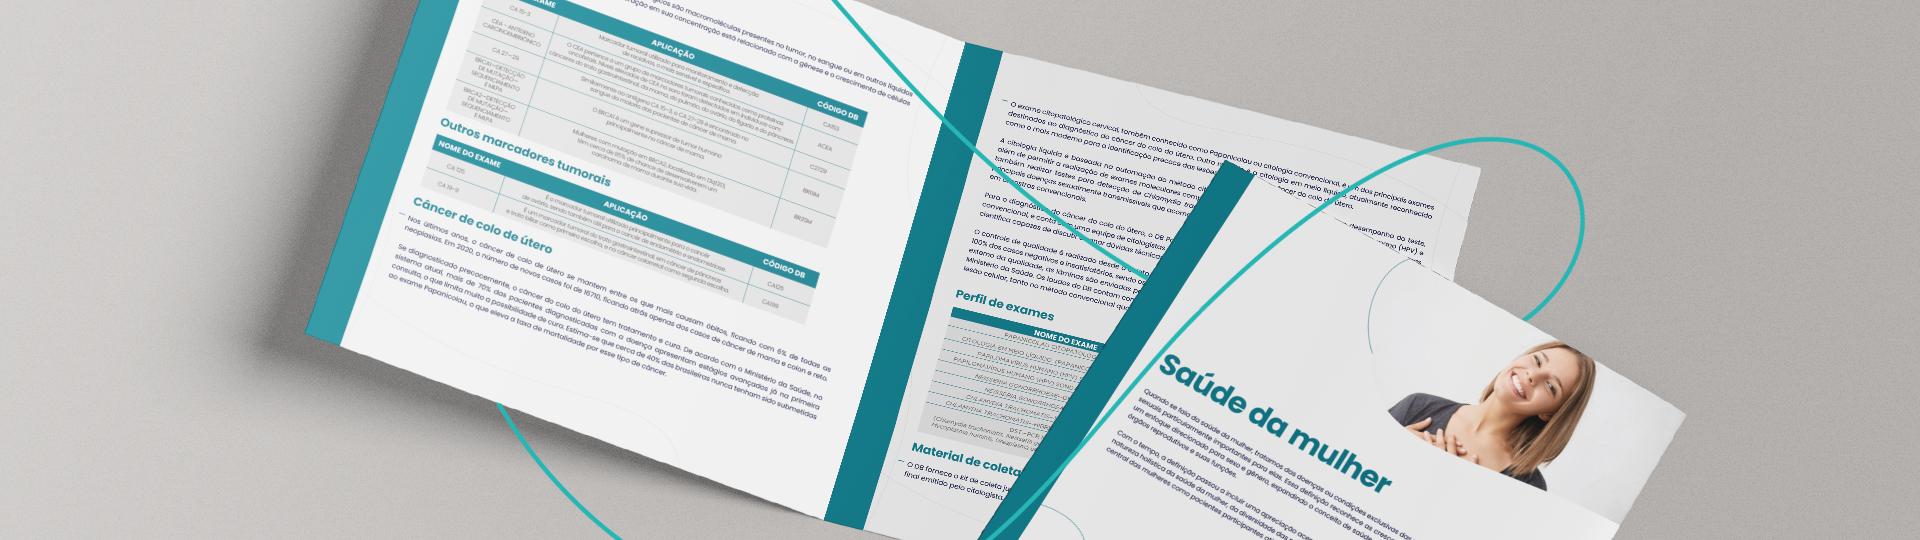 materiais-tecnicos | Diagnósticos do Brasil